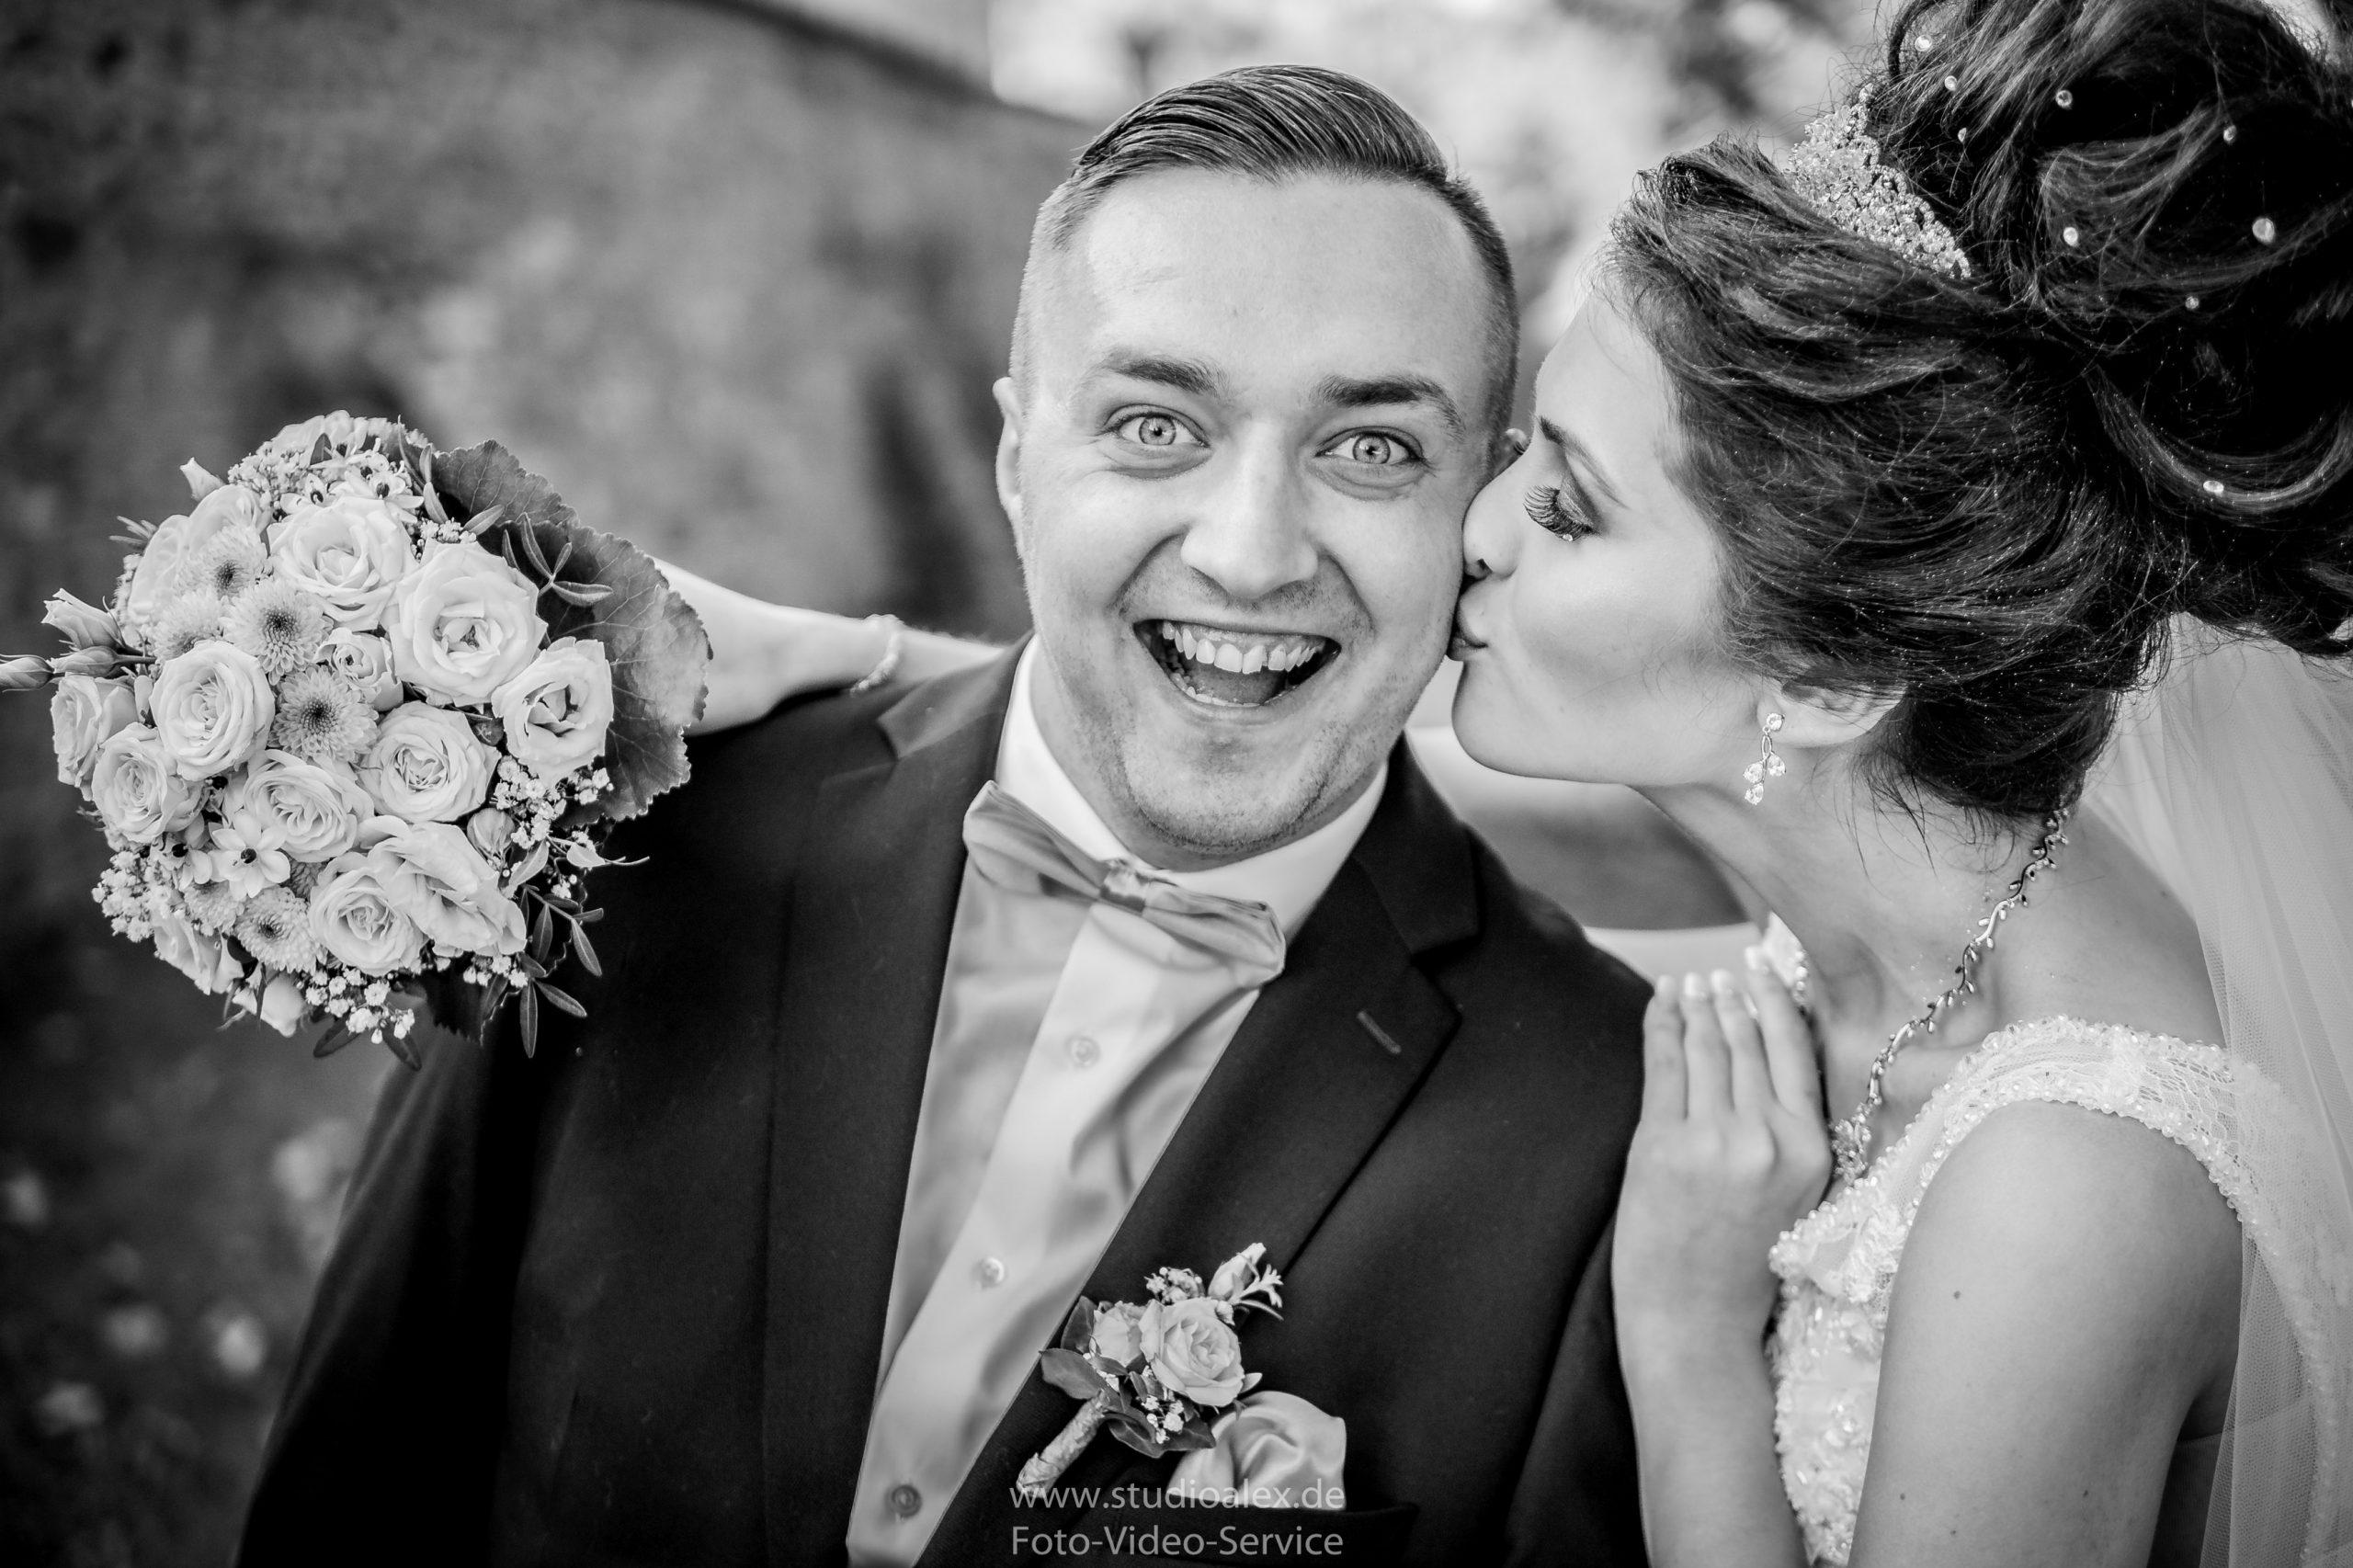 Hochzeitsfotograf-Amberg-Hochzeitsfotografie-Amberg-Hochzeitsfotos-Amberg-Hochzeitsbilder-Amberg-Fotograf-Hochzeit-Amberg-06356-scaled.jpg